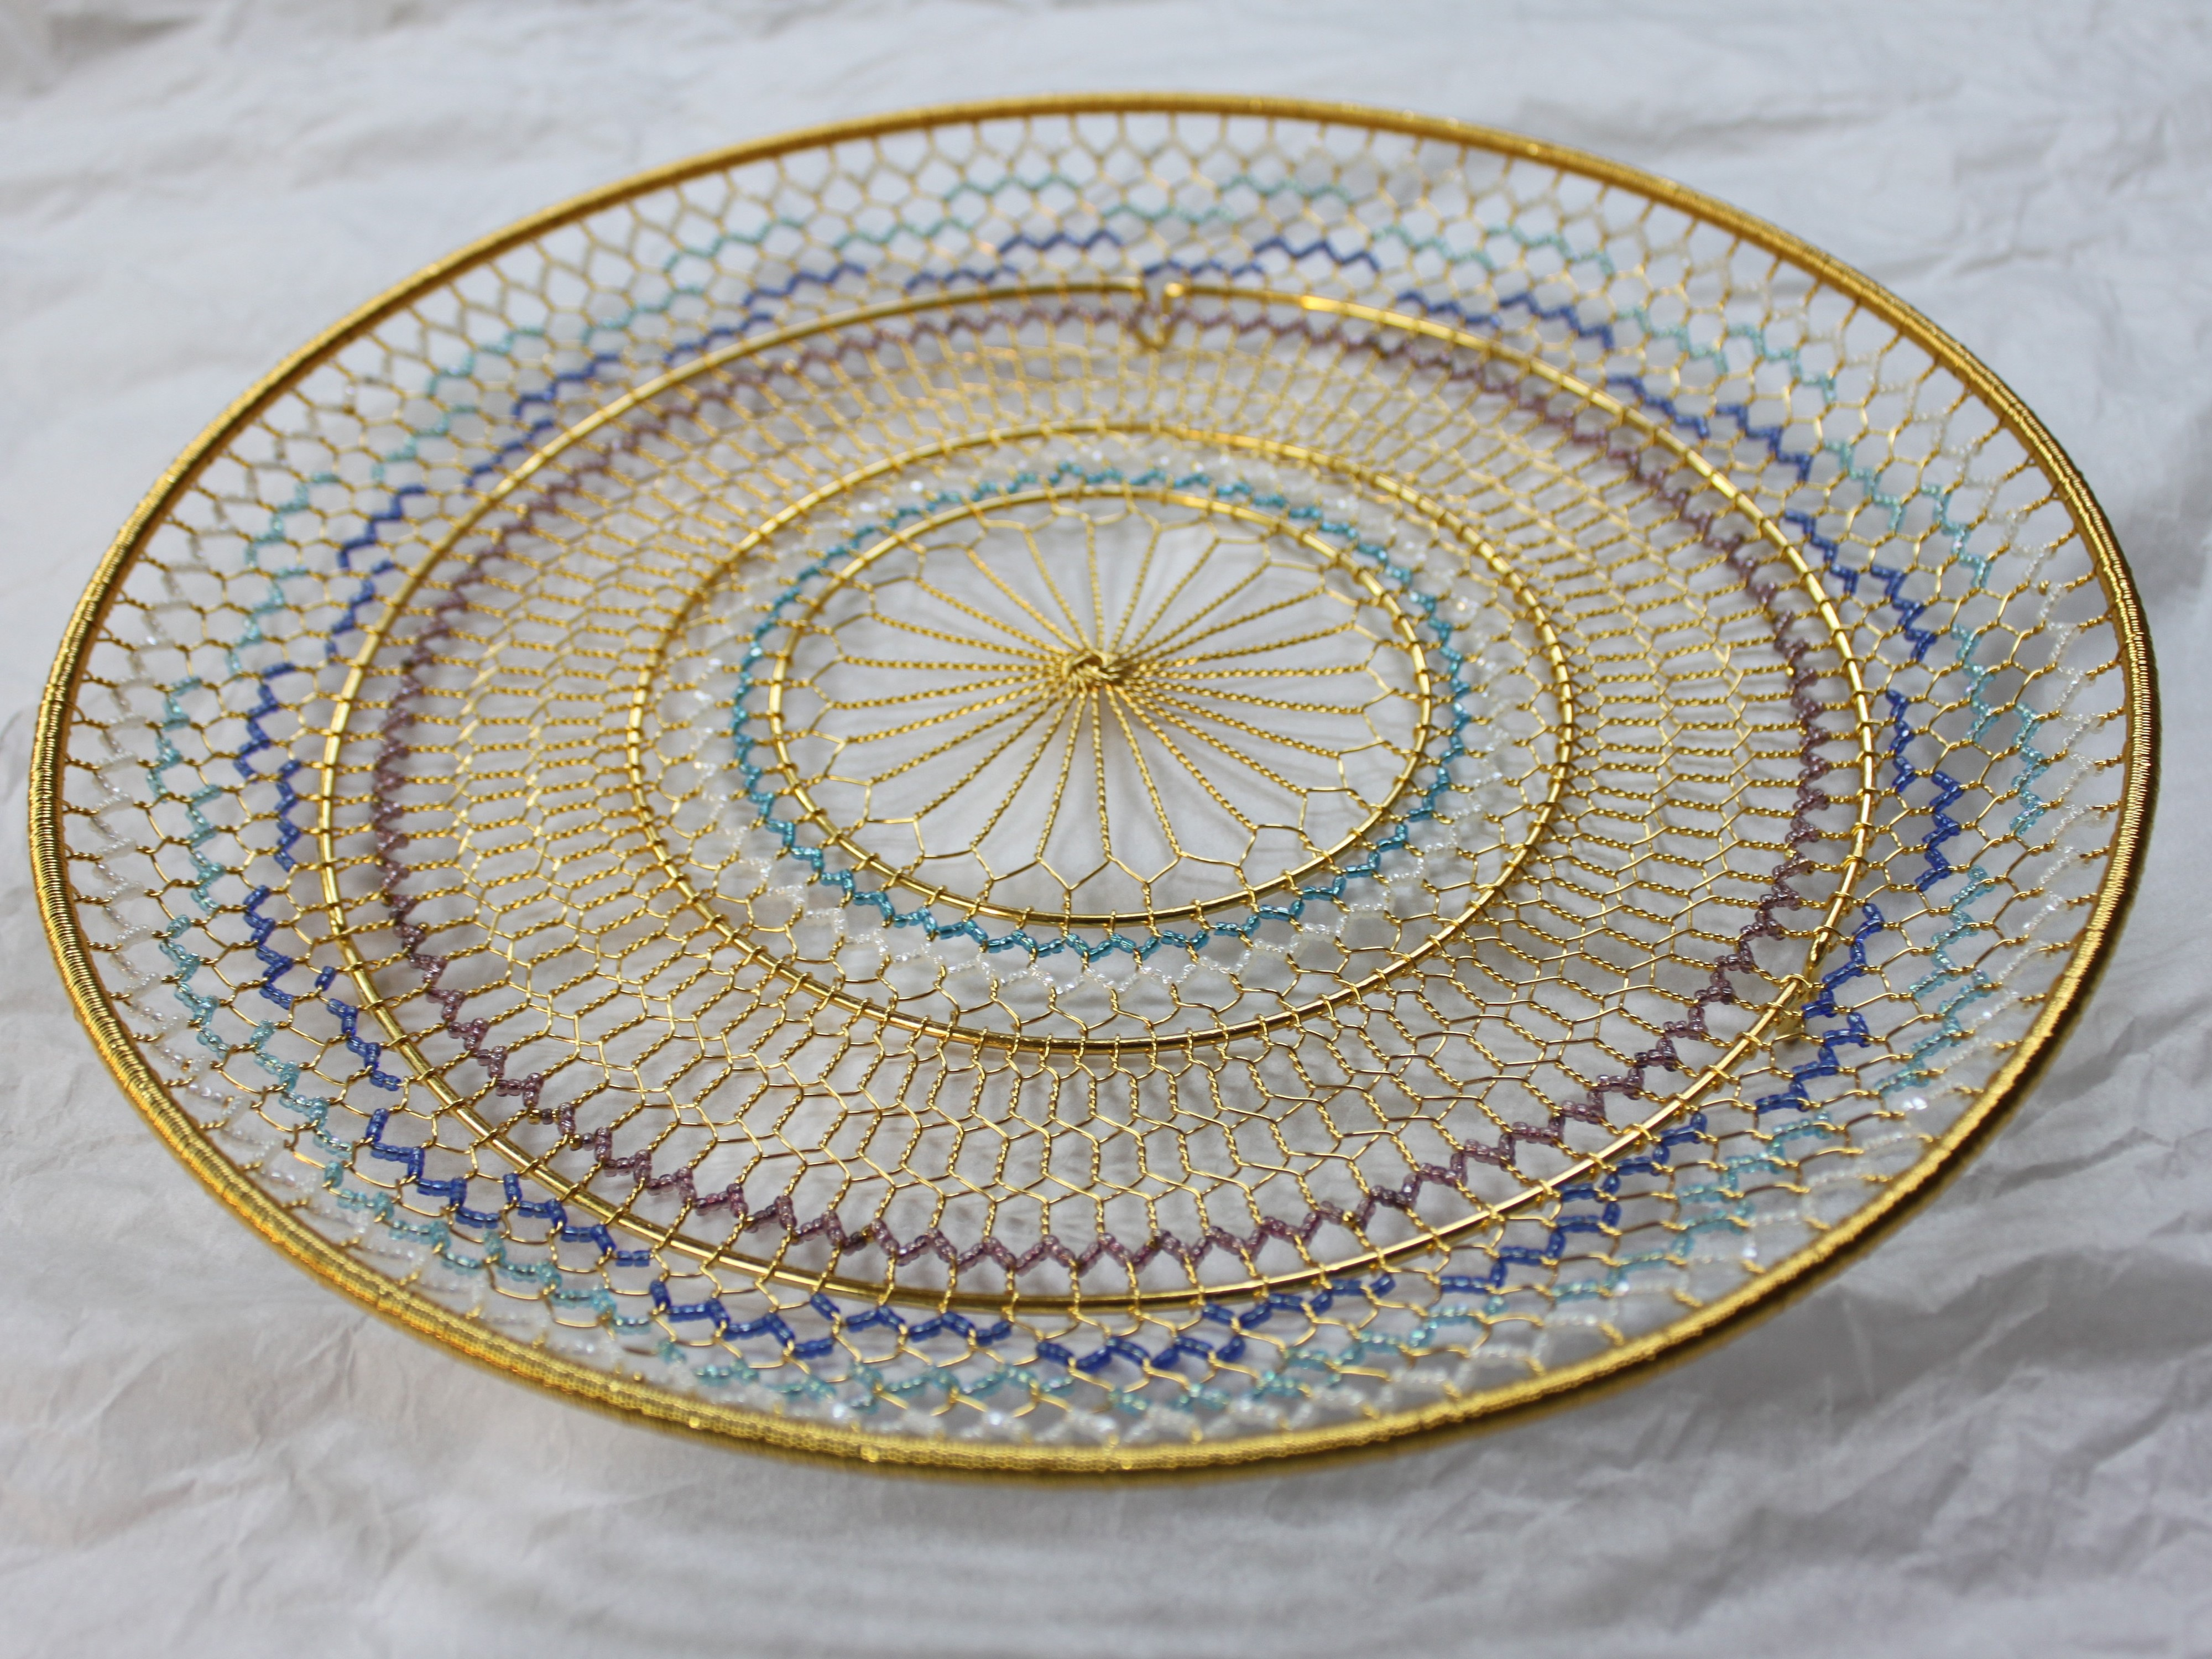 手網の飾り皿。ビーズがあしらわれています